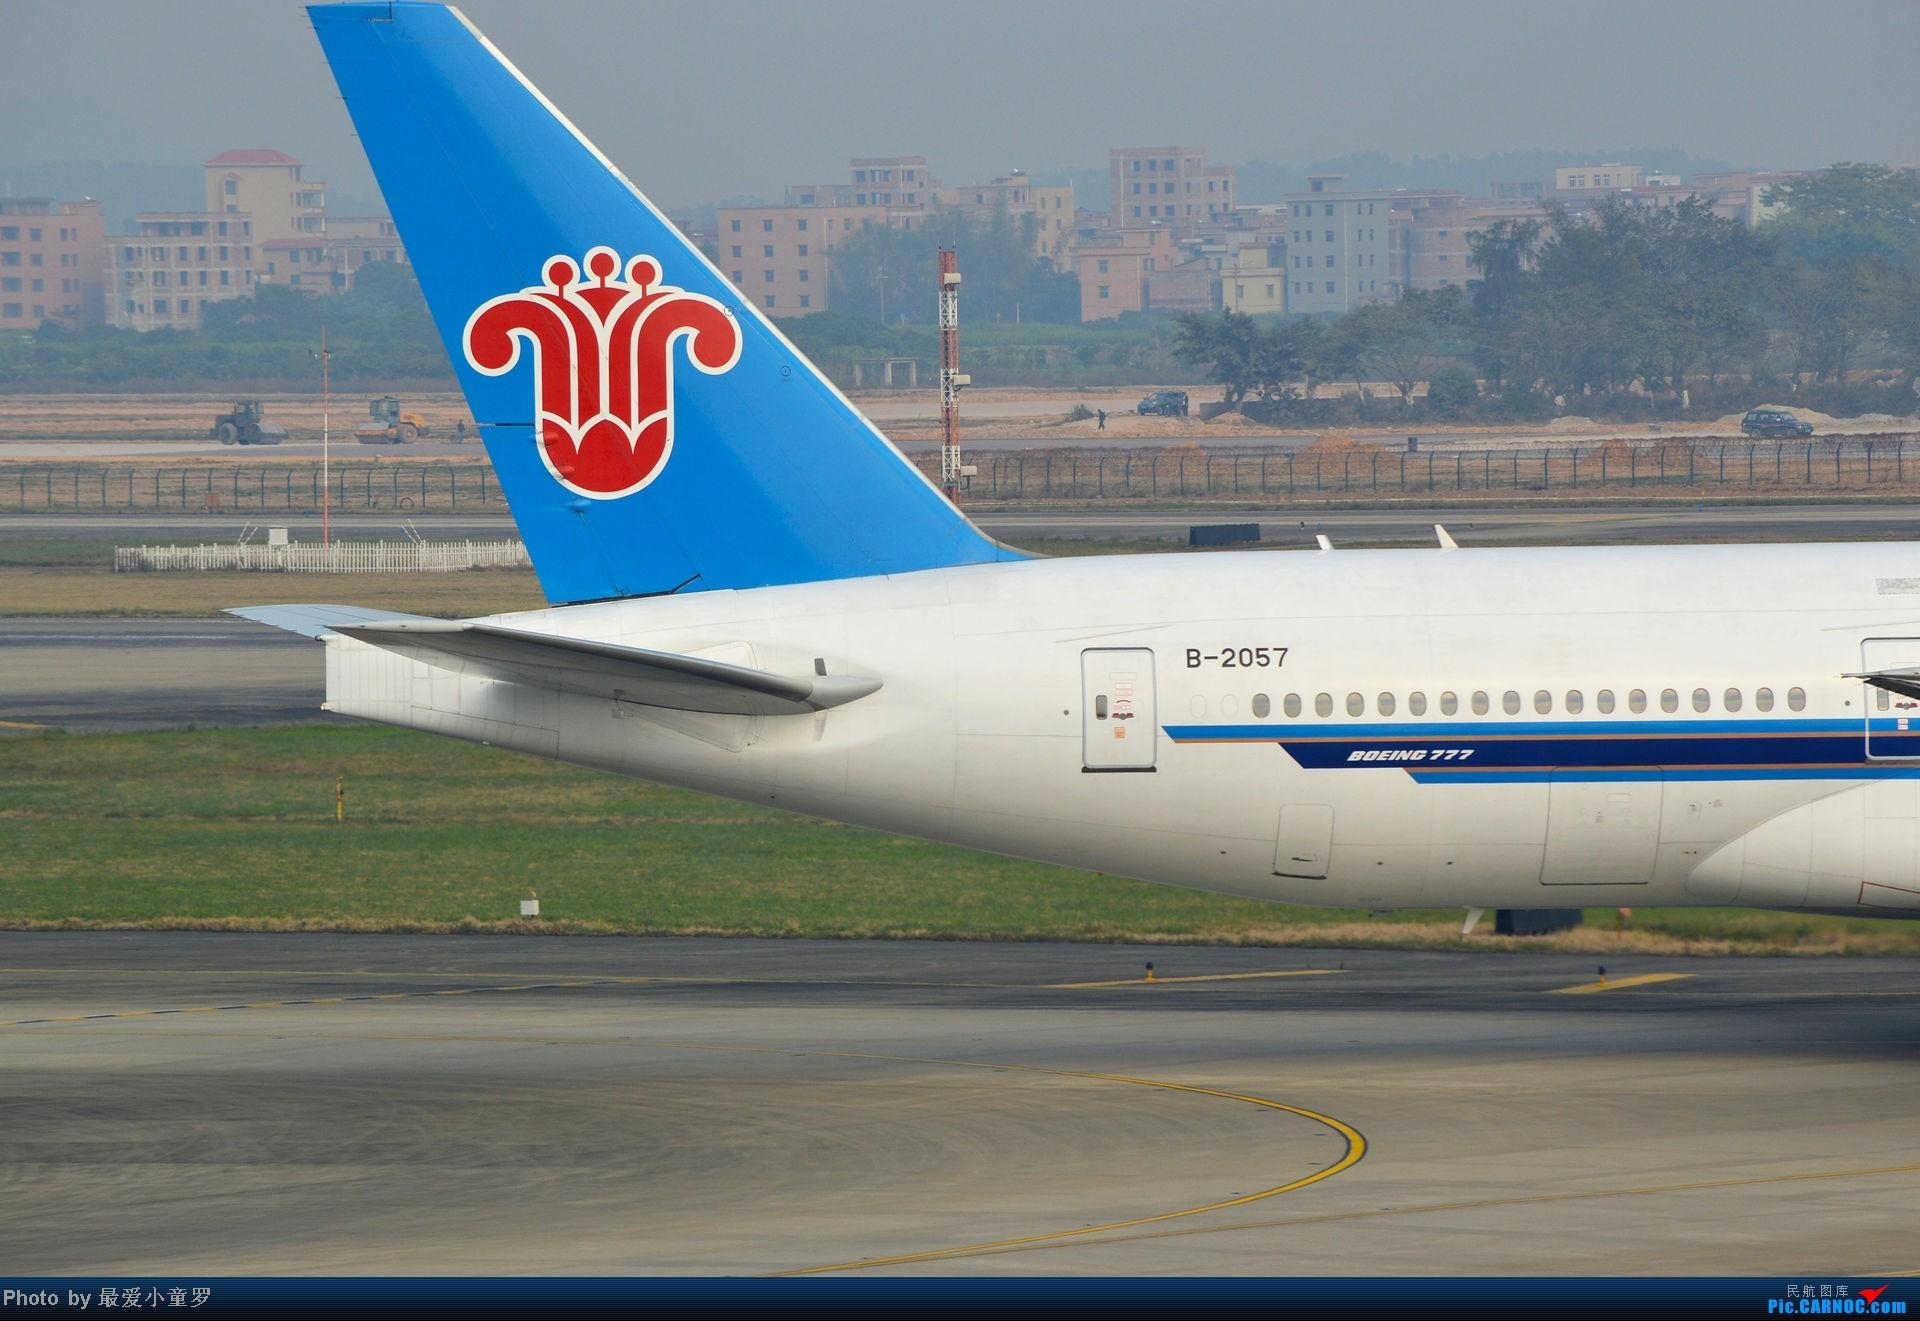 Re:[原创]去年11月15日,CAN烂天拍机,修出来的图无法直视 BOEING 777-200 B-2057 中国广州白云机场